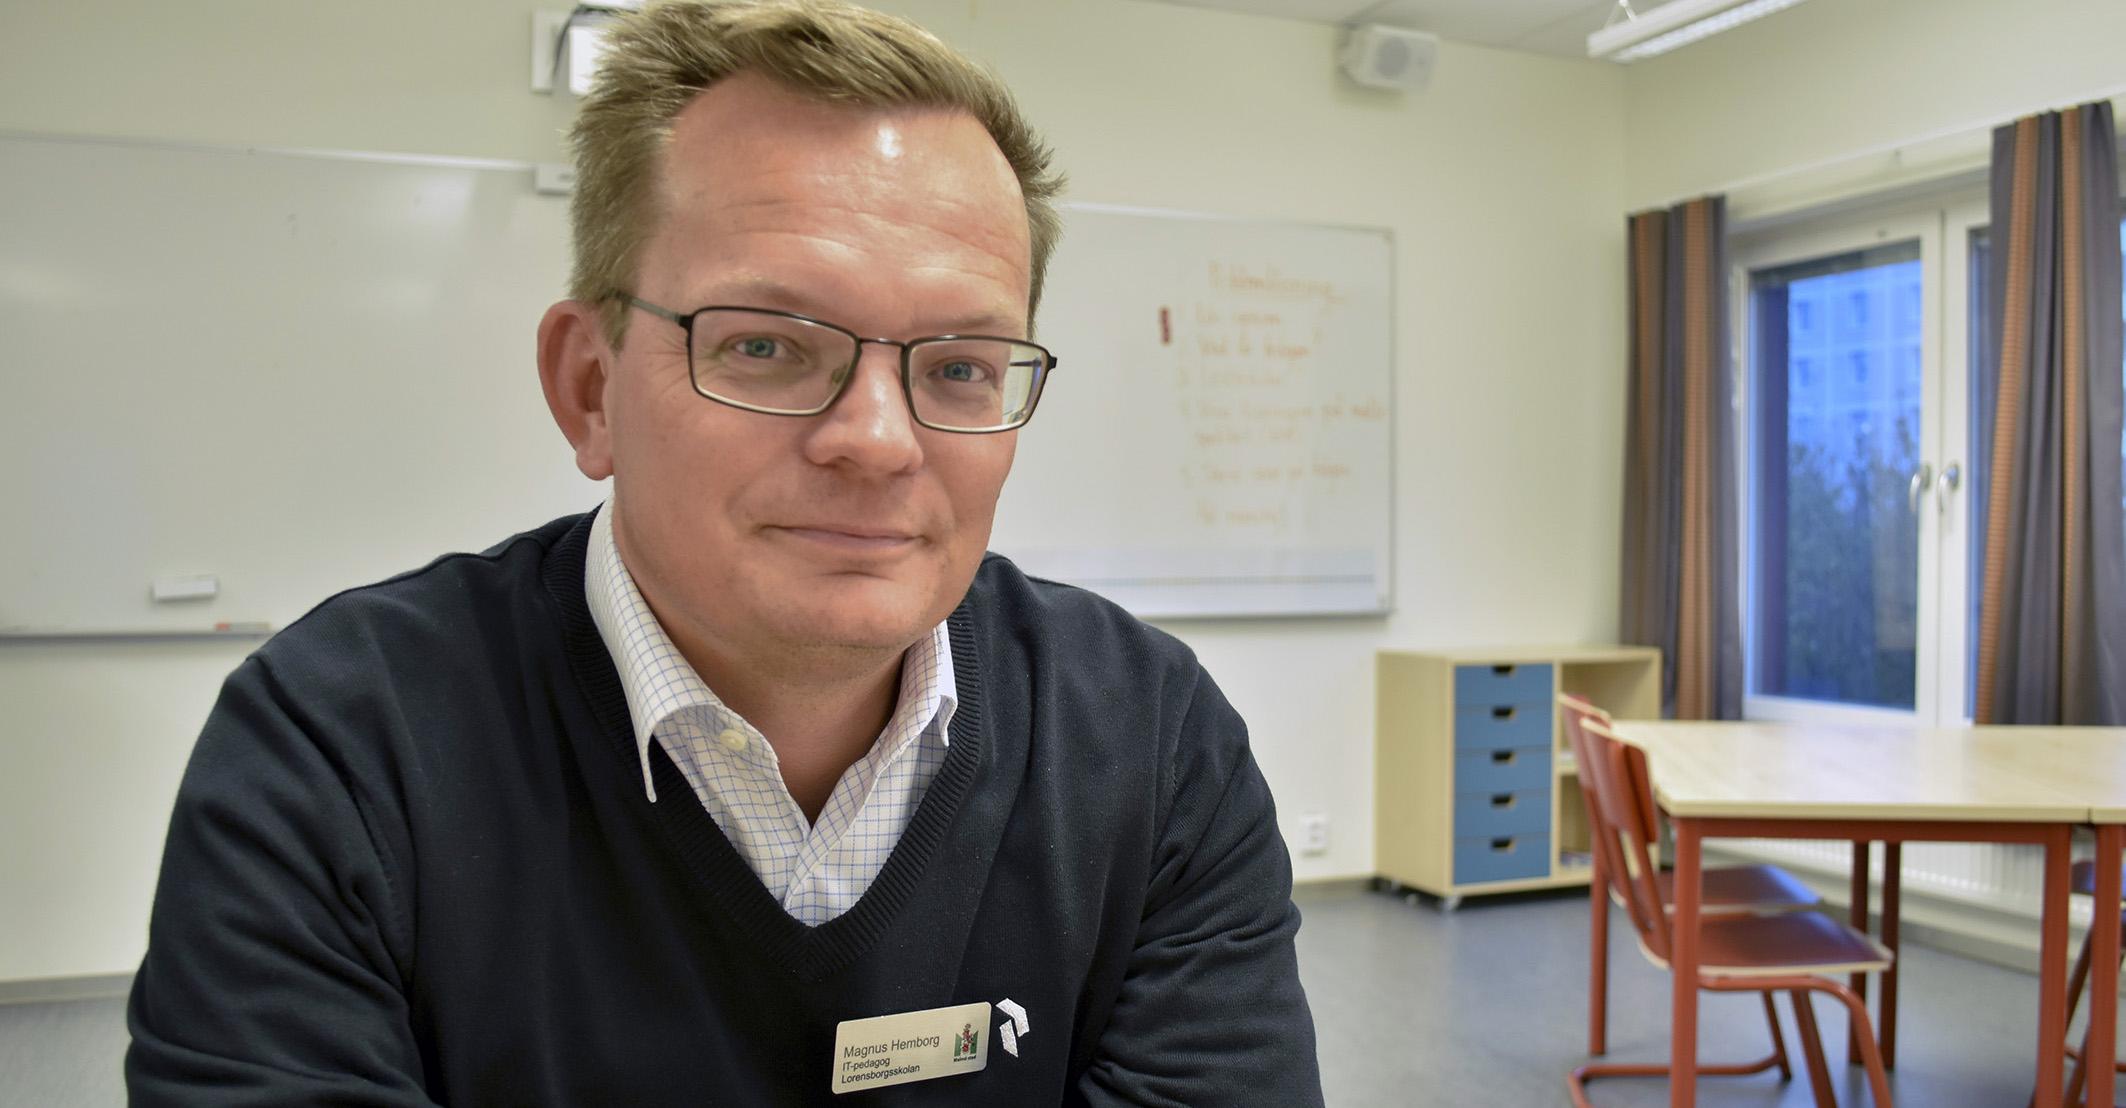 Magnus Hemborg i klassrum.